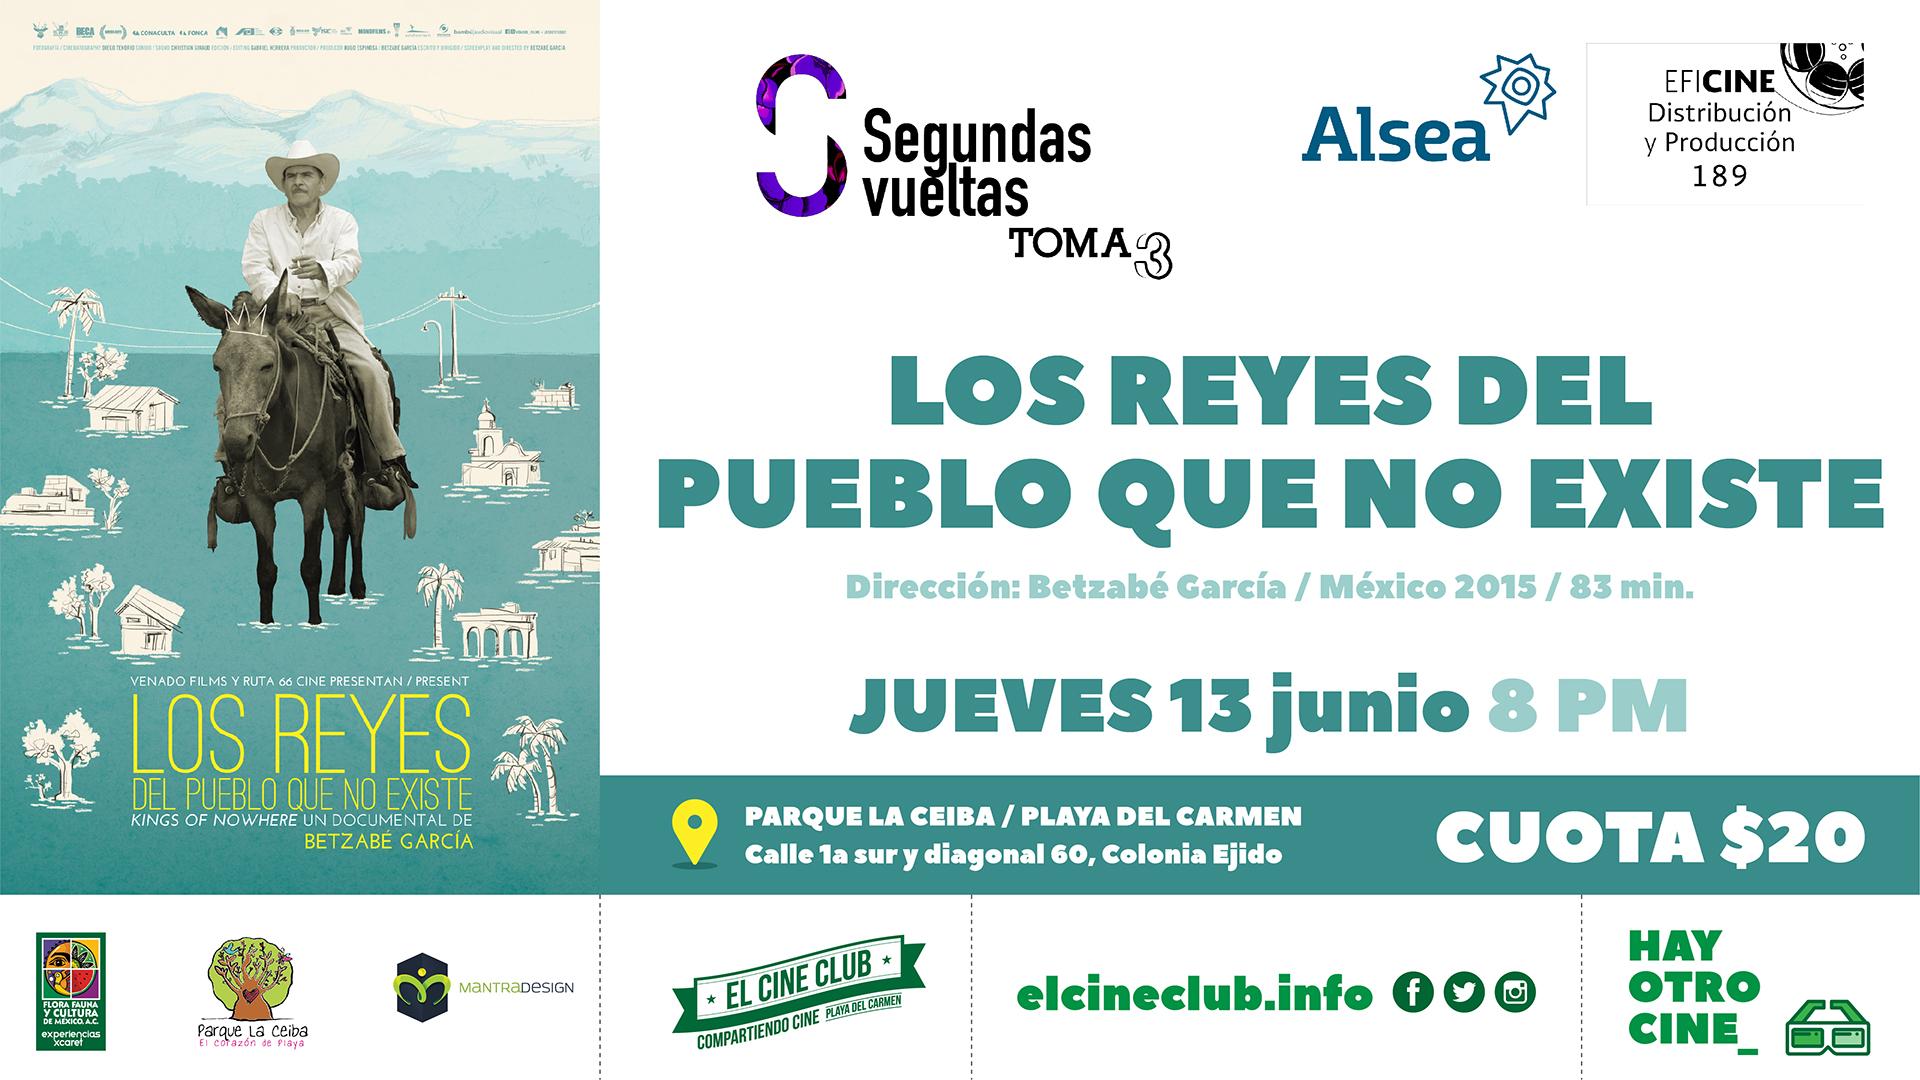 05_Los_reyes_del_pueblo_Segundas_Vueltas.jpg